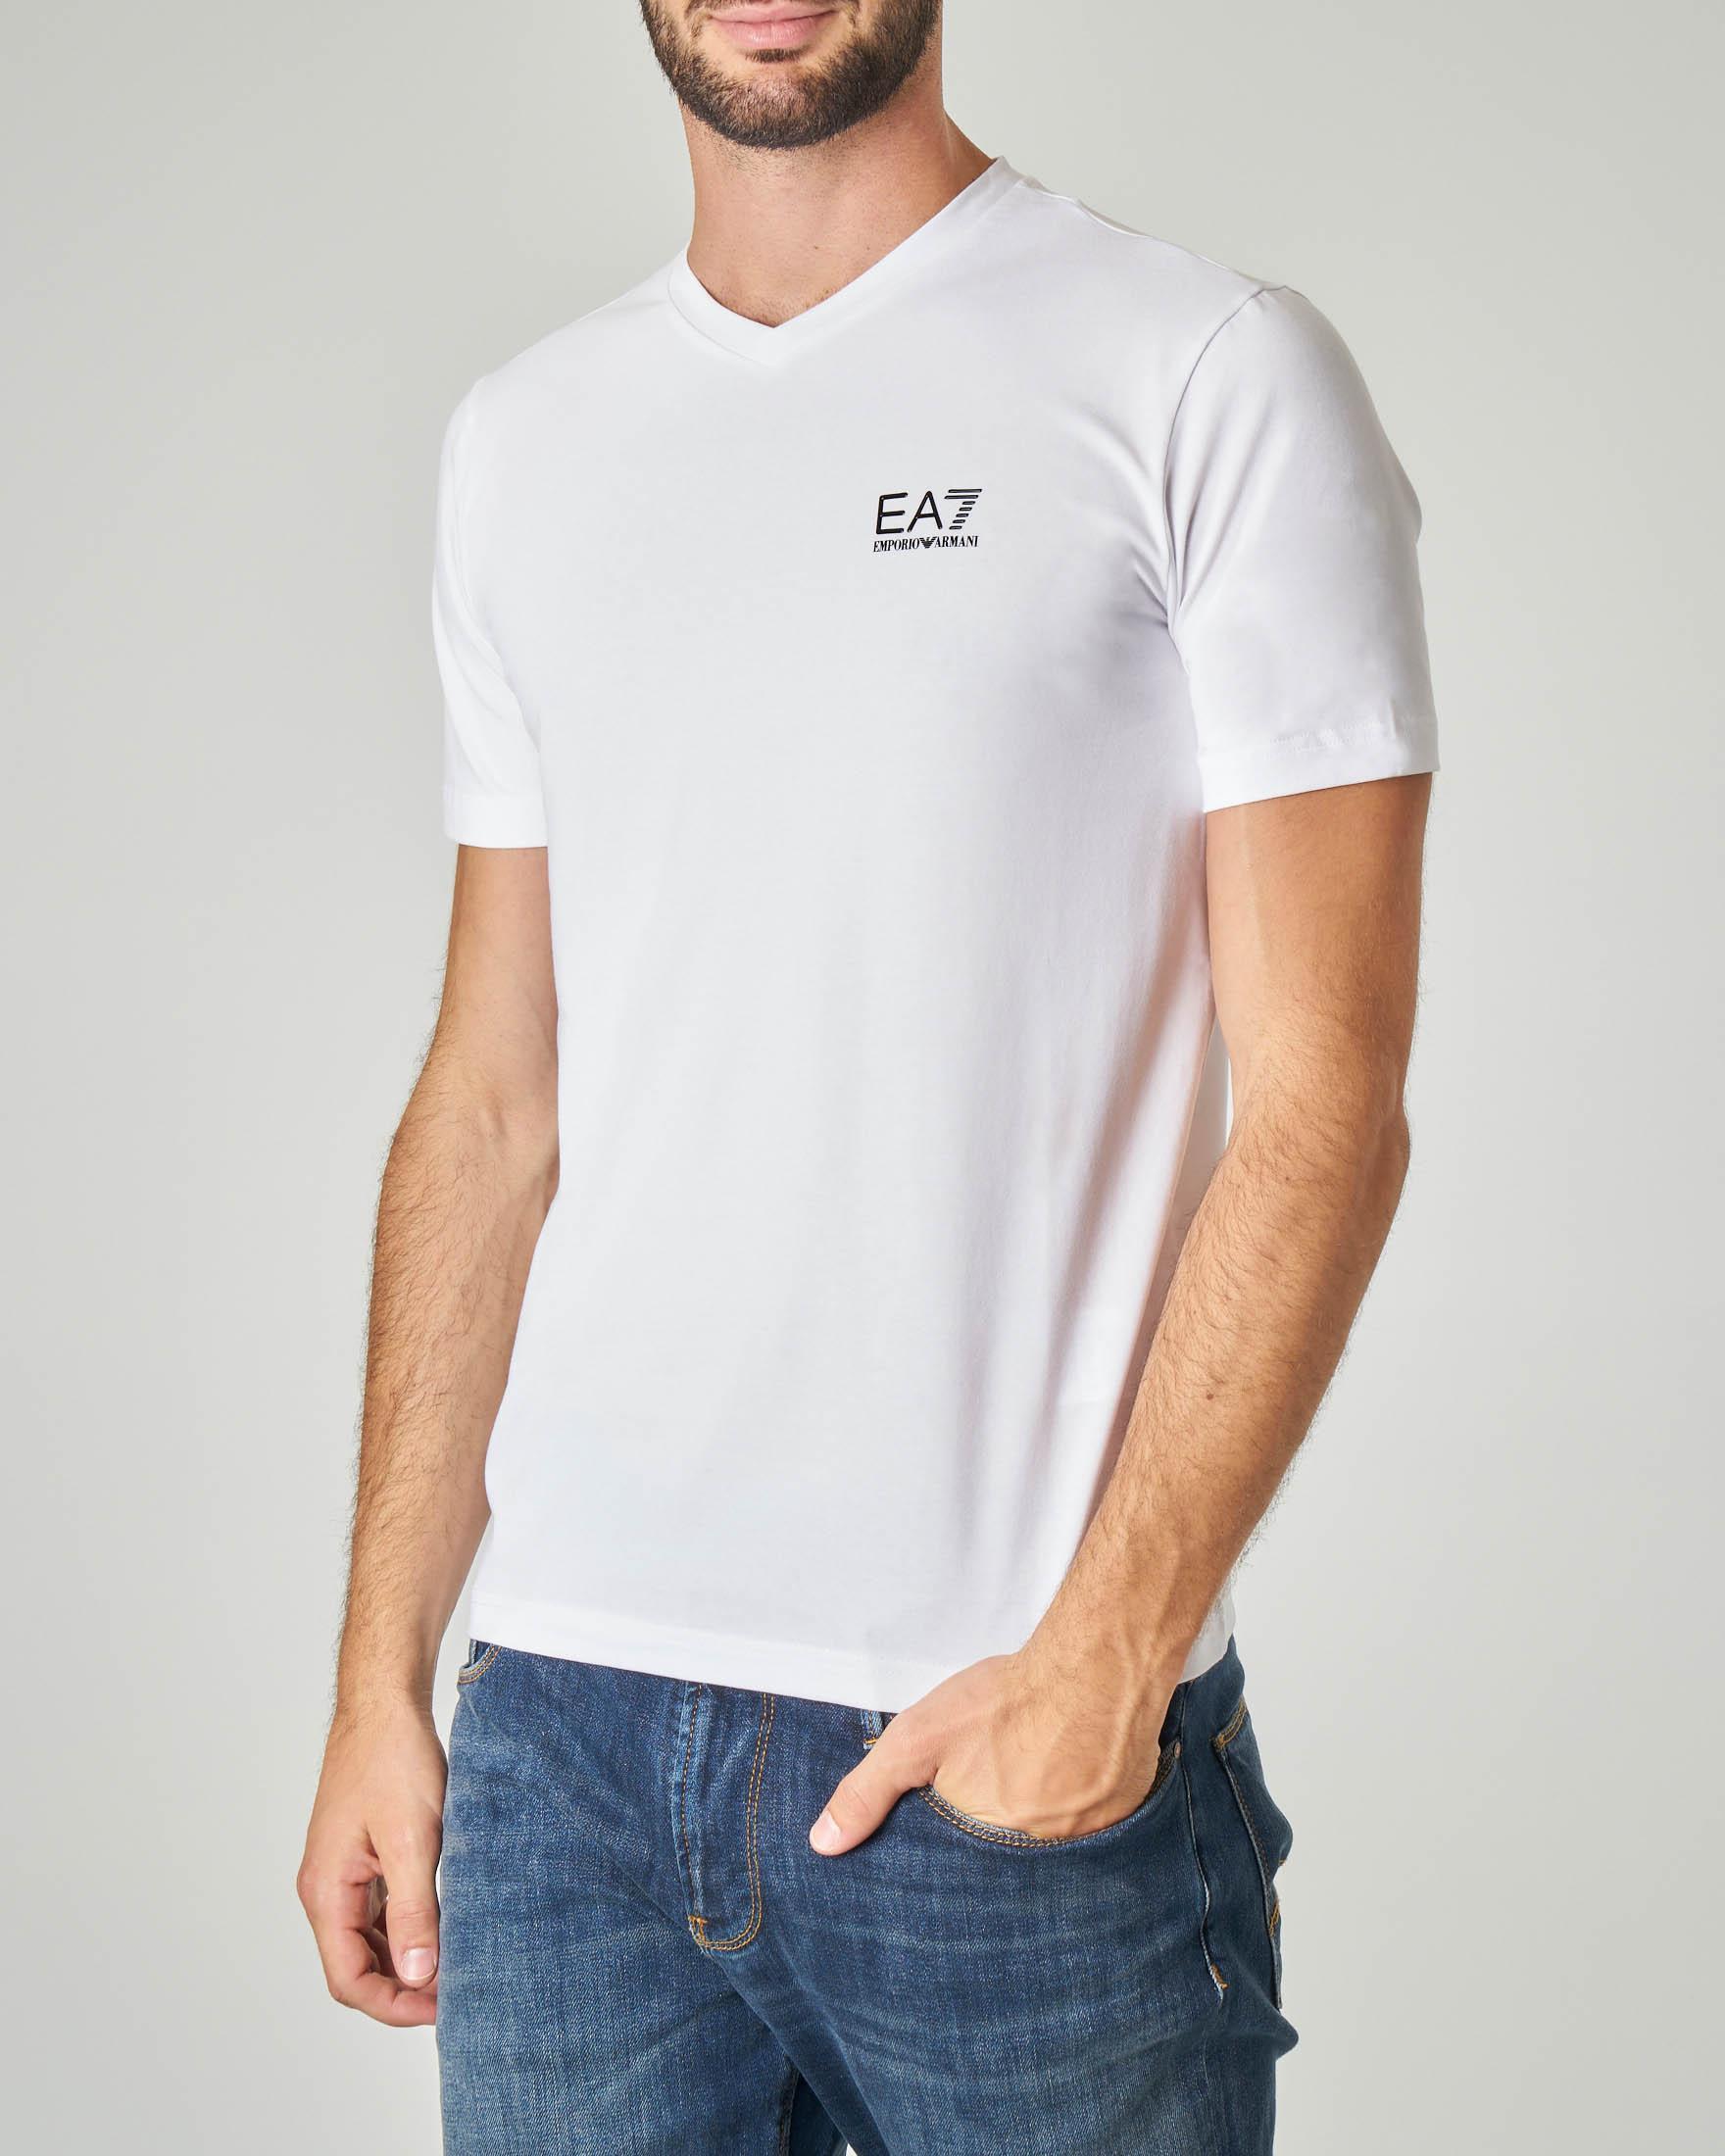 T-shirt bianca in cotone stretch con logo piccolo gommato